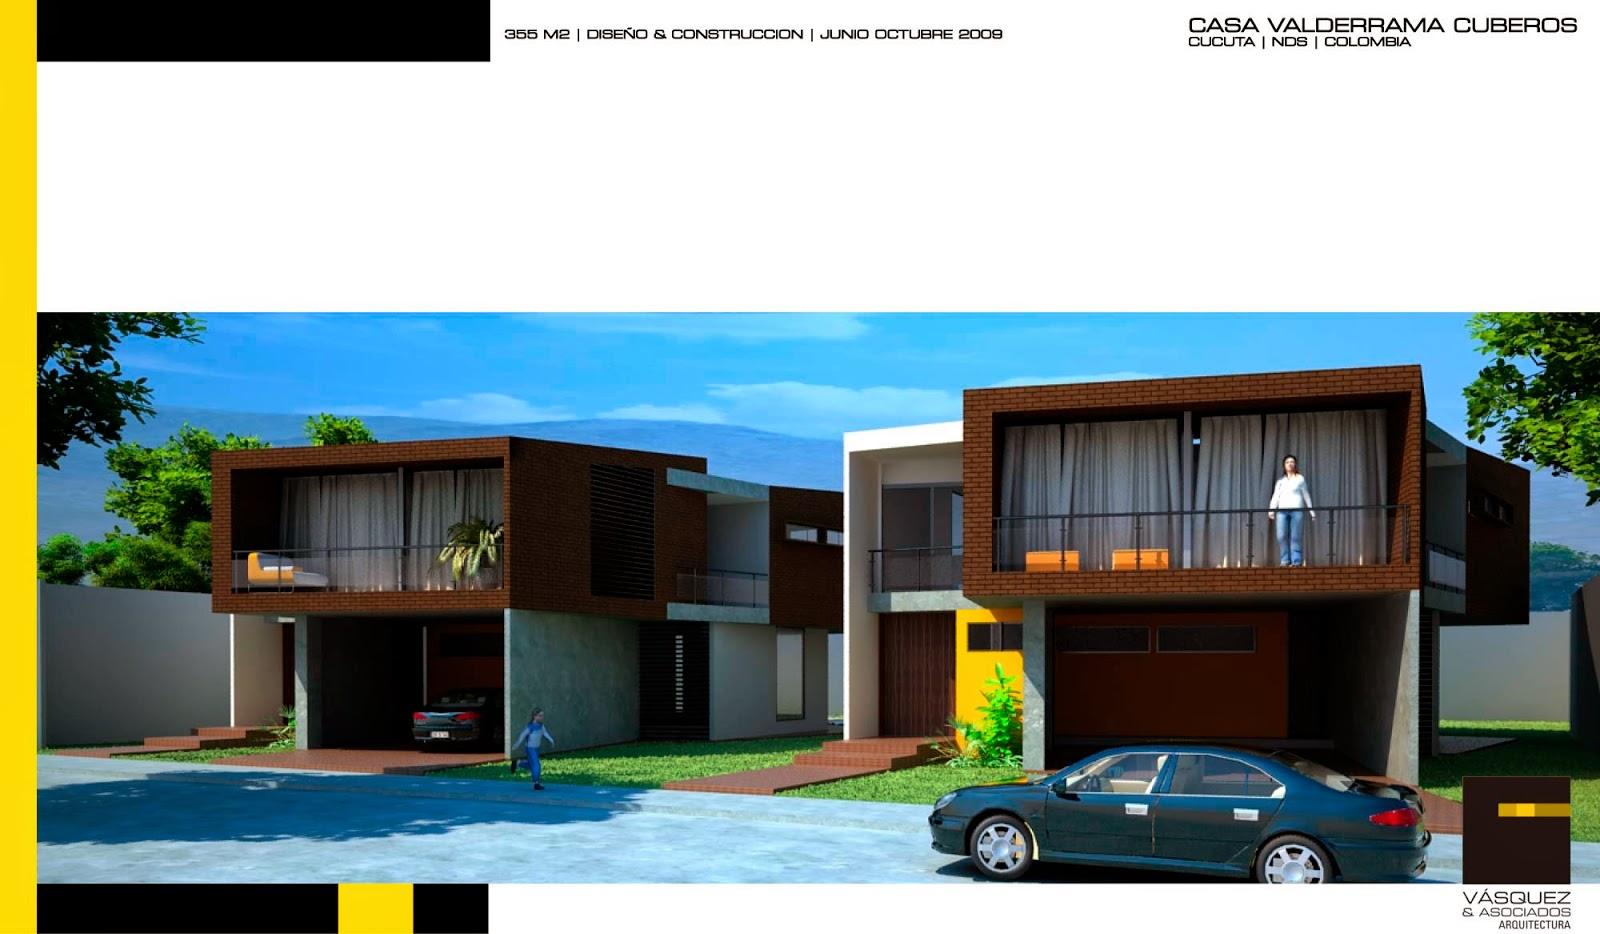 Vasquez y asociados arquitectura ltda 2 casas for Genesis arquitectura y diseno ltda